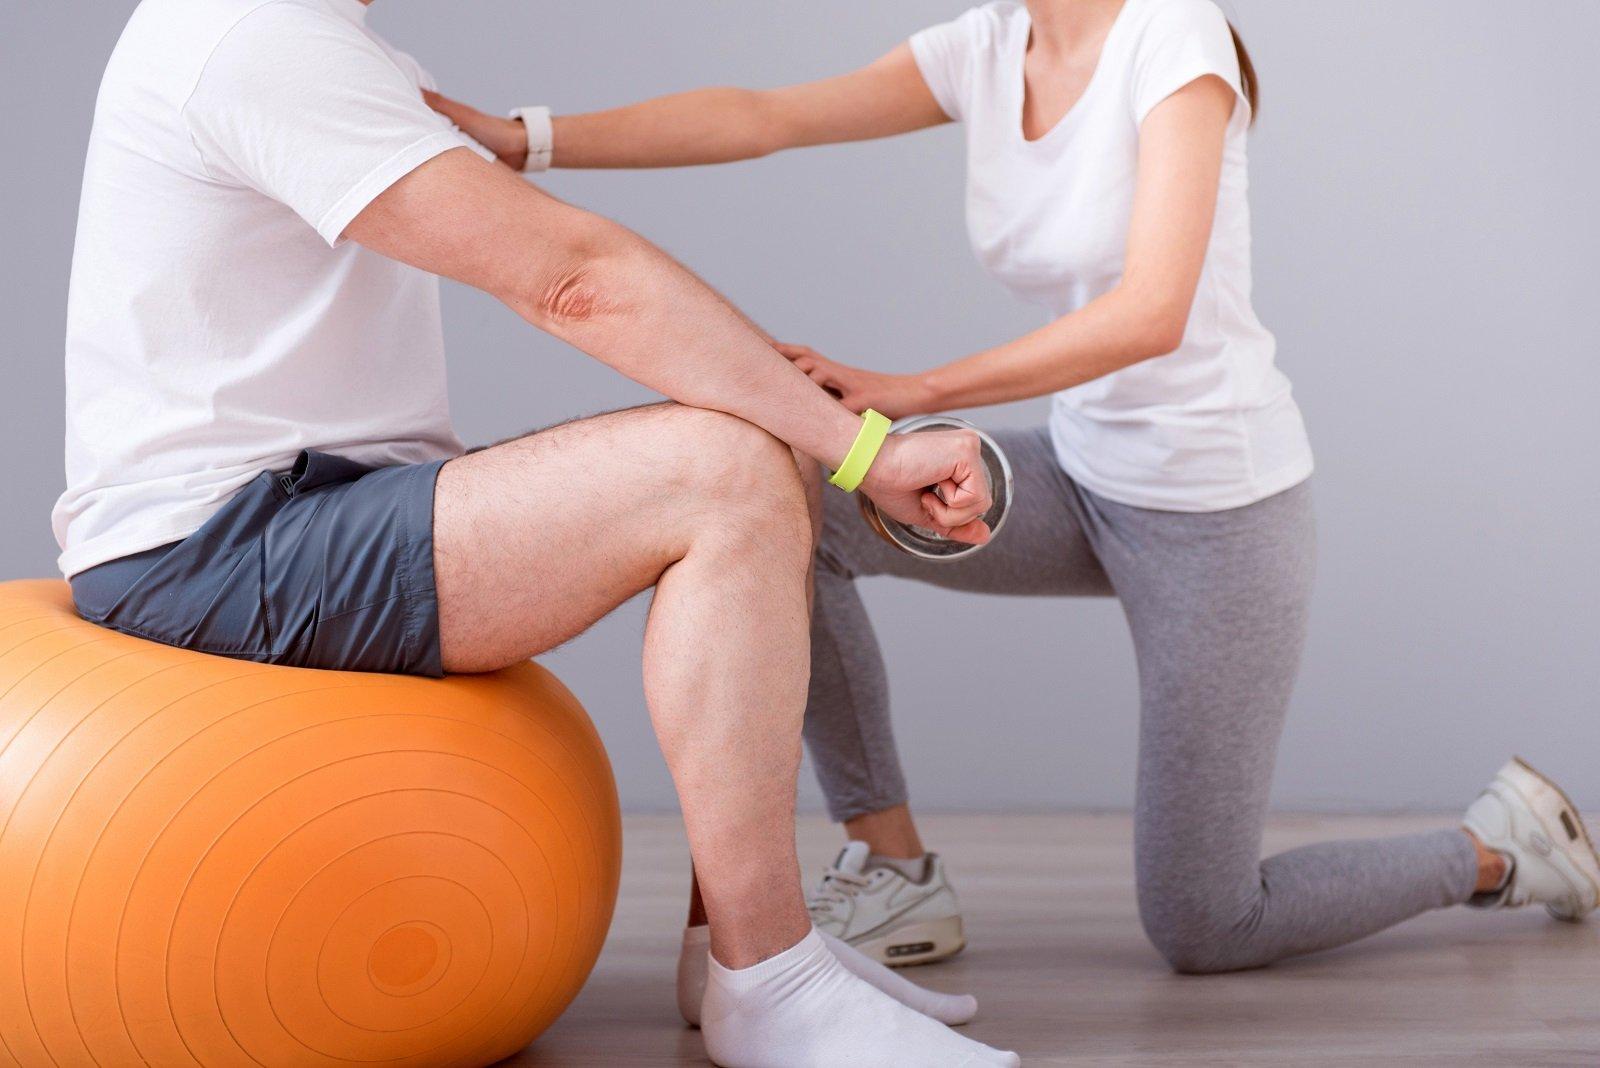 Sessione di fisioterapia posturale